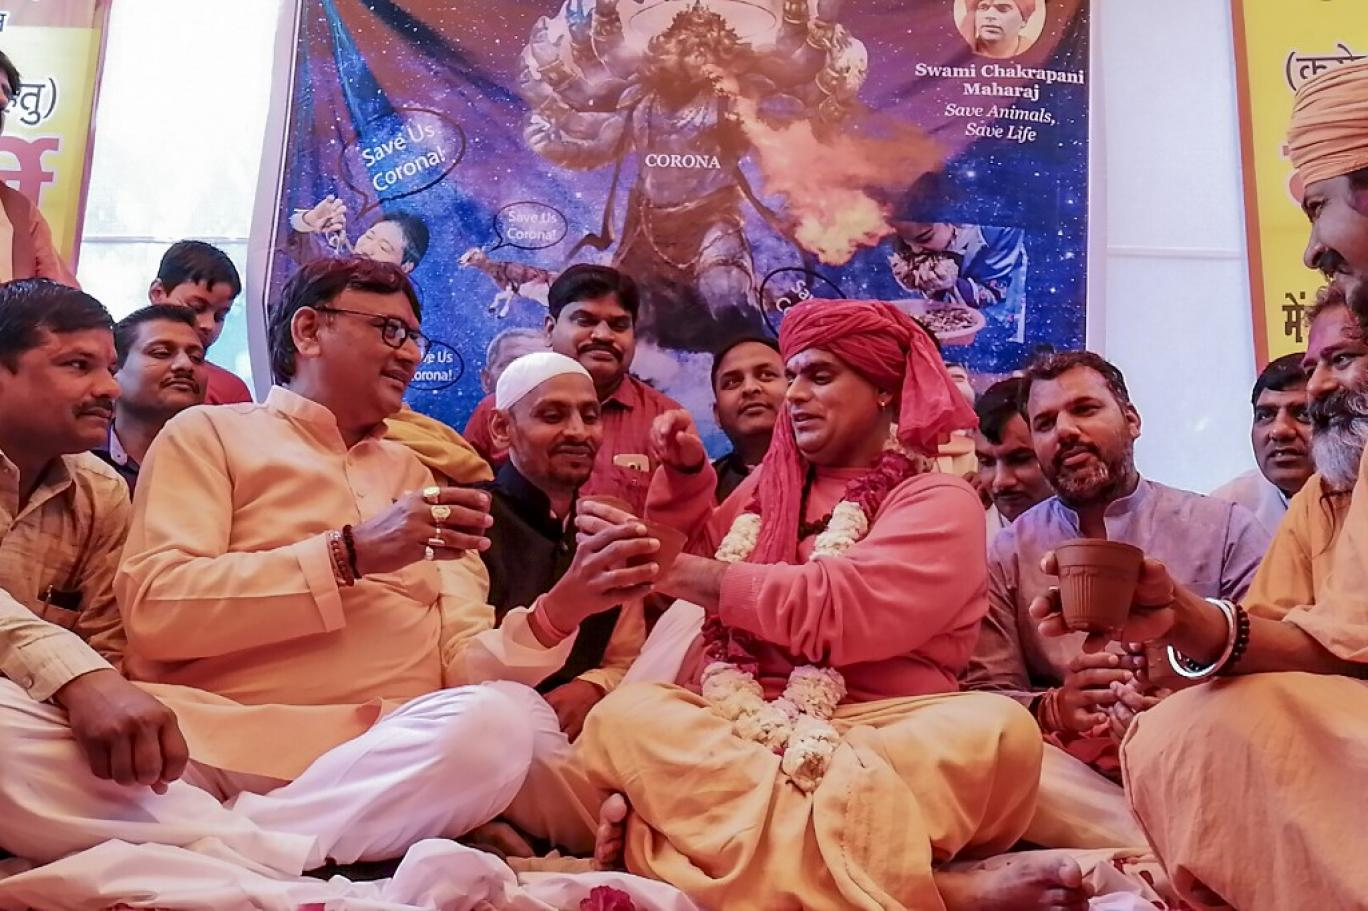 بھارت میں ہندو گائے کے پیشاب سے کرونا کا علاج کرنے لگے